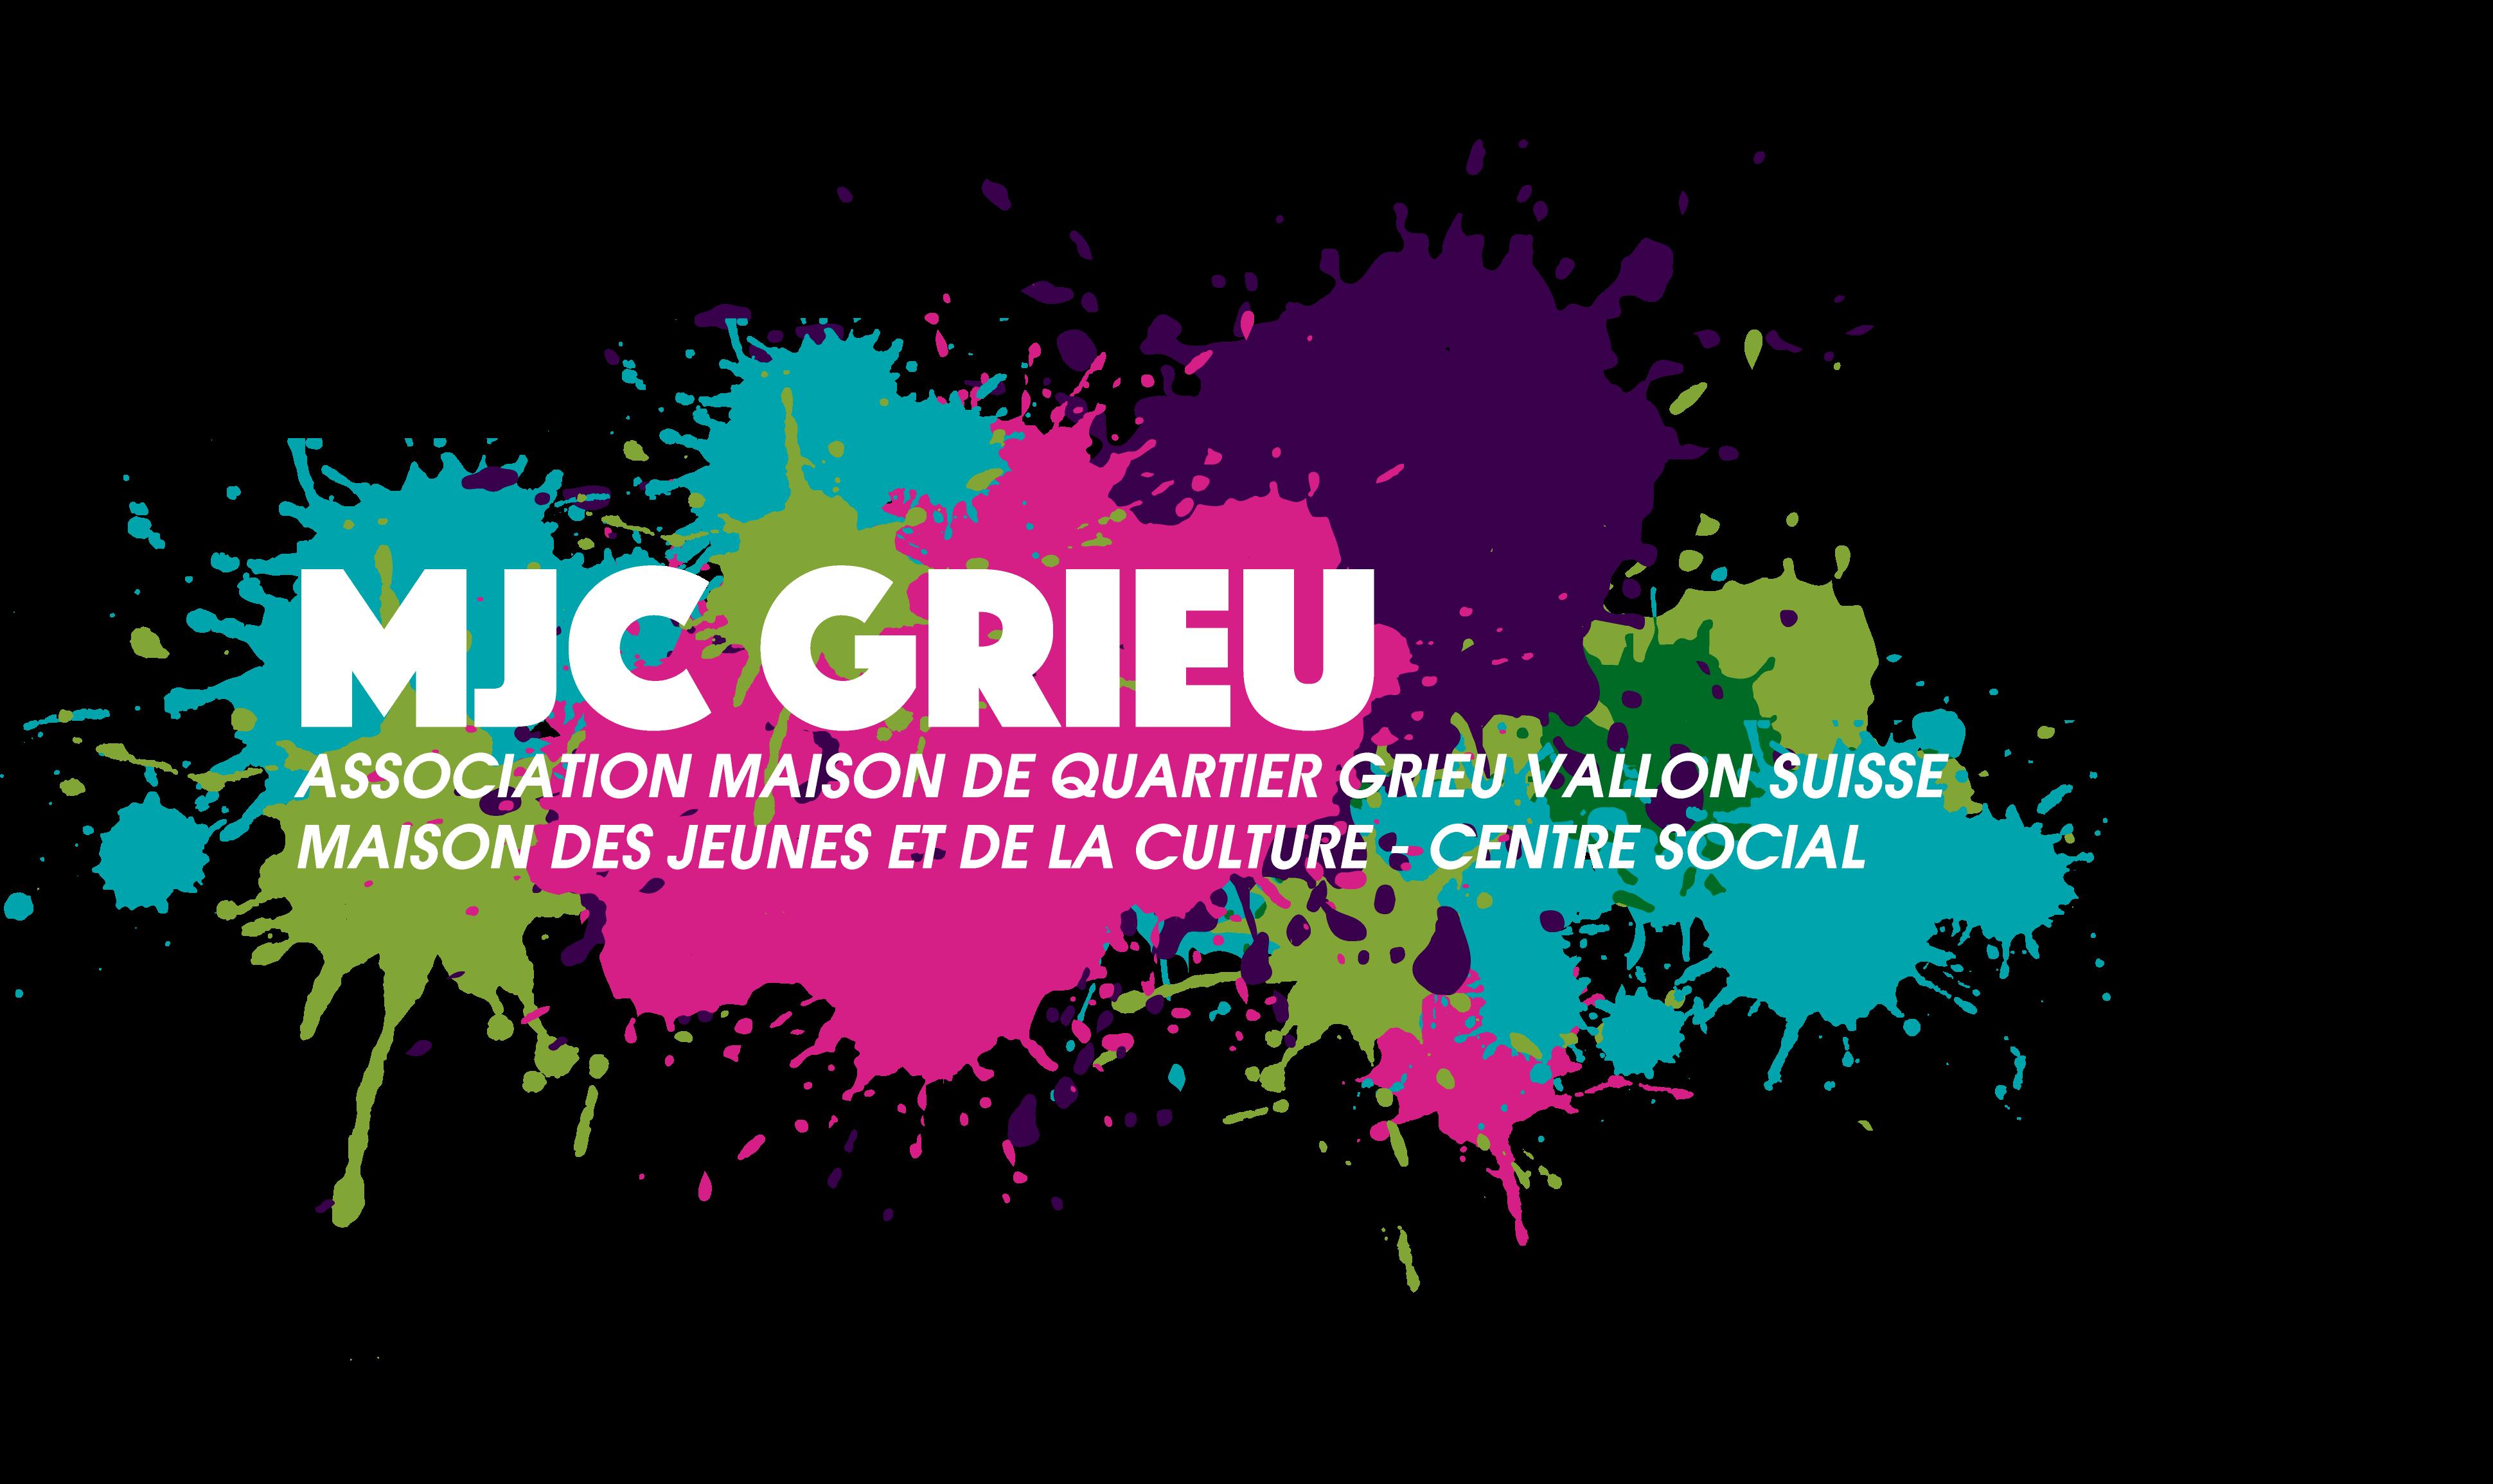 MJC Grieu